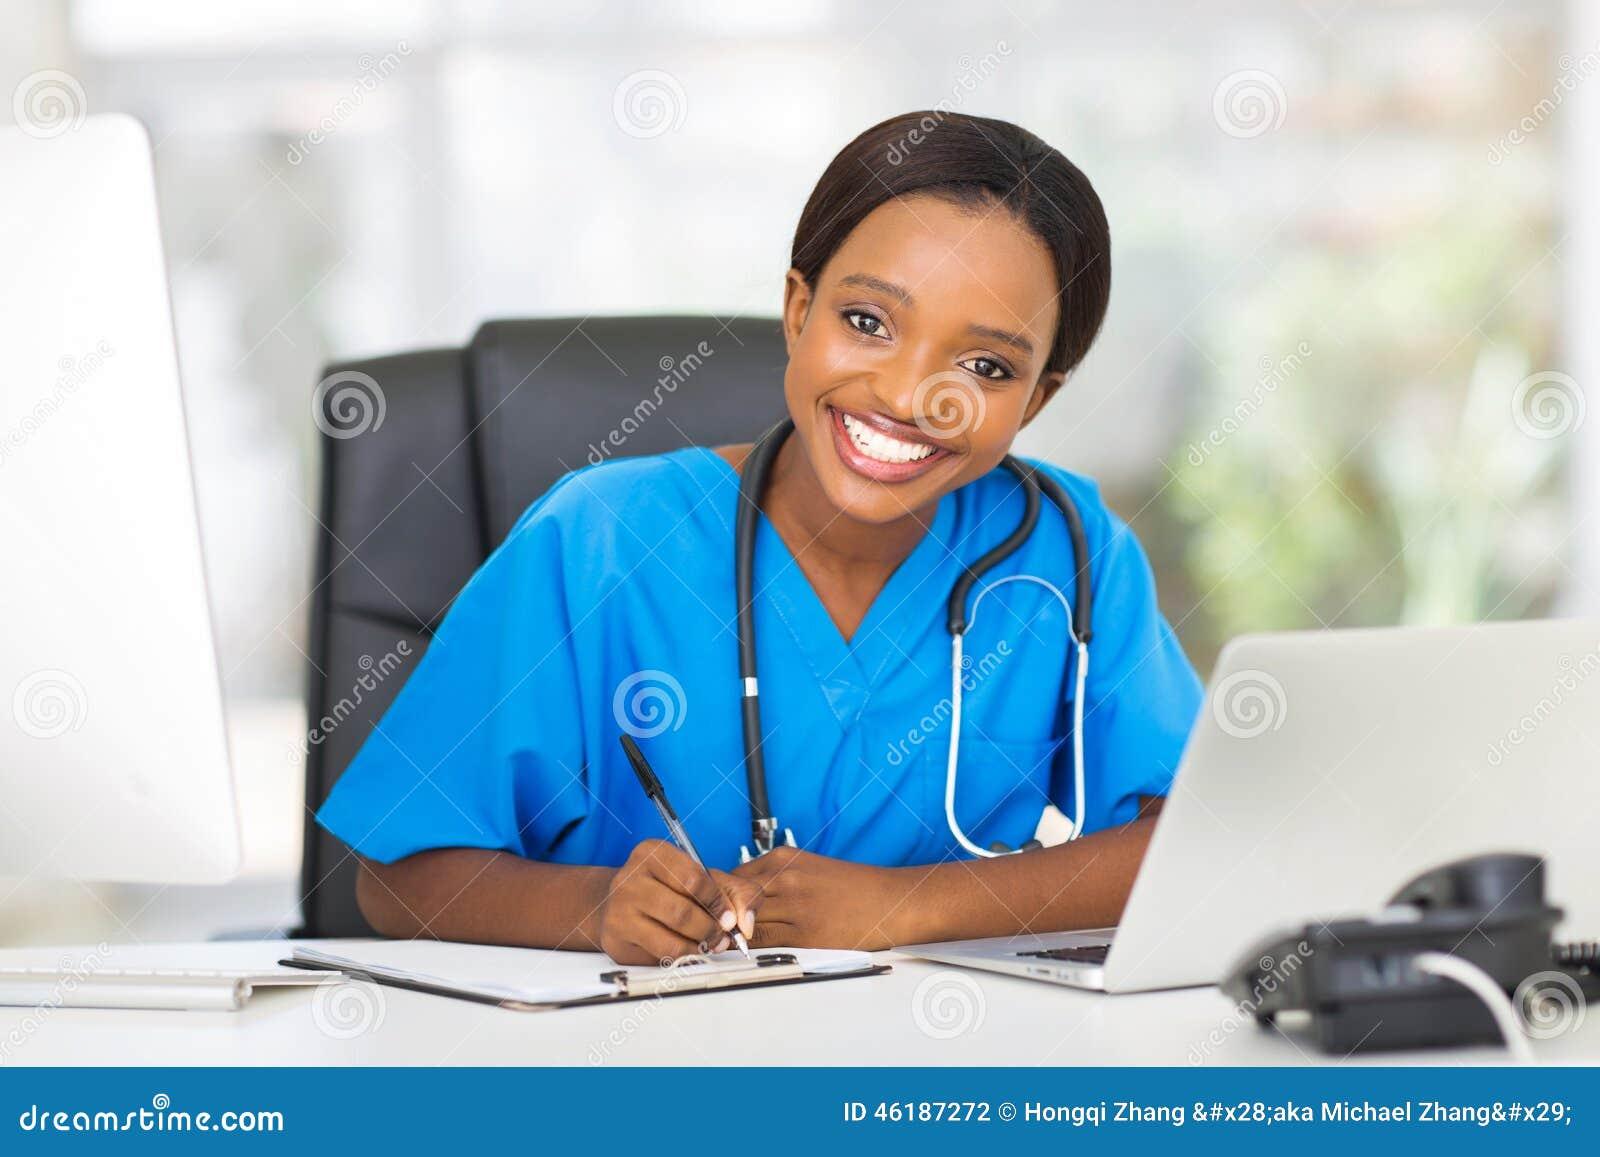 办公室玩护士囹f_女性护士办公室